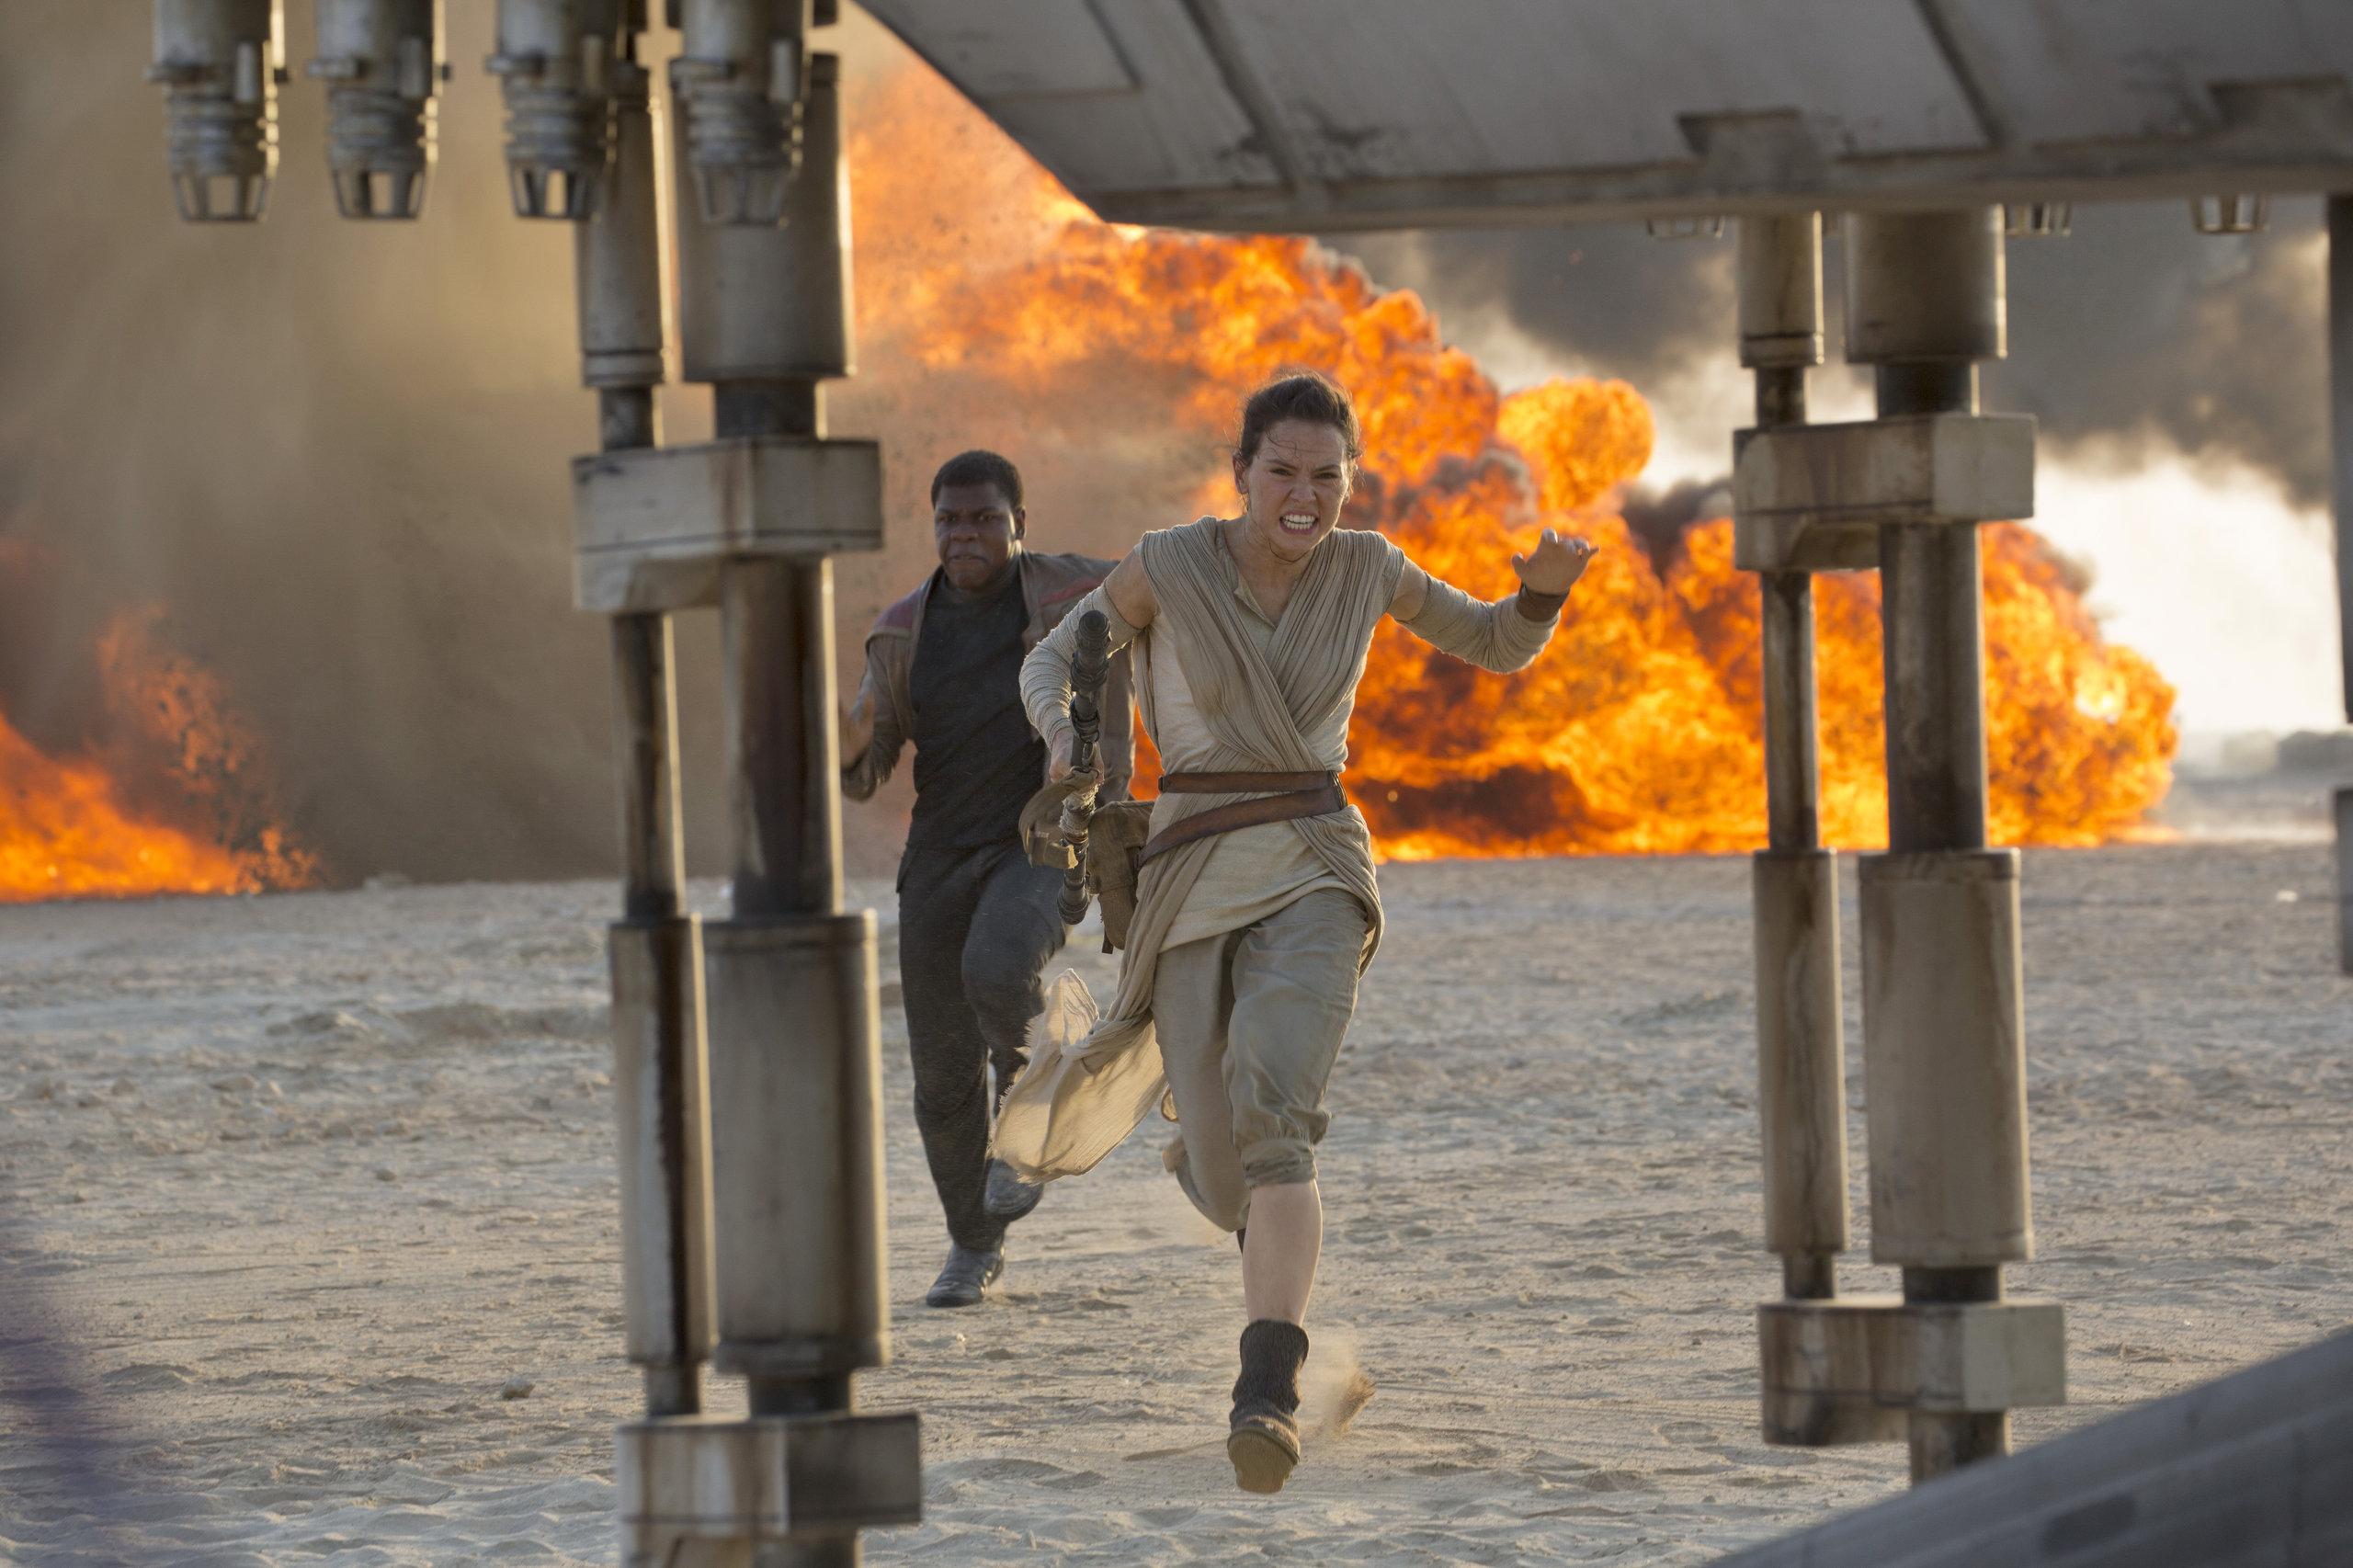 Фильм звездные войны пробуждение силы скачать.